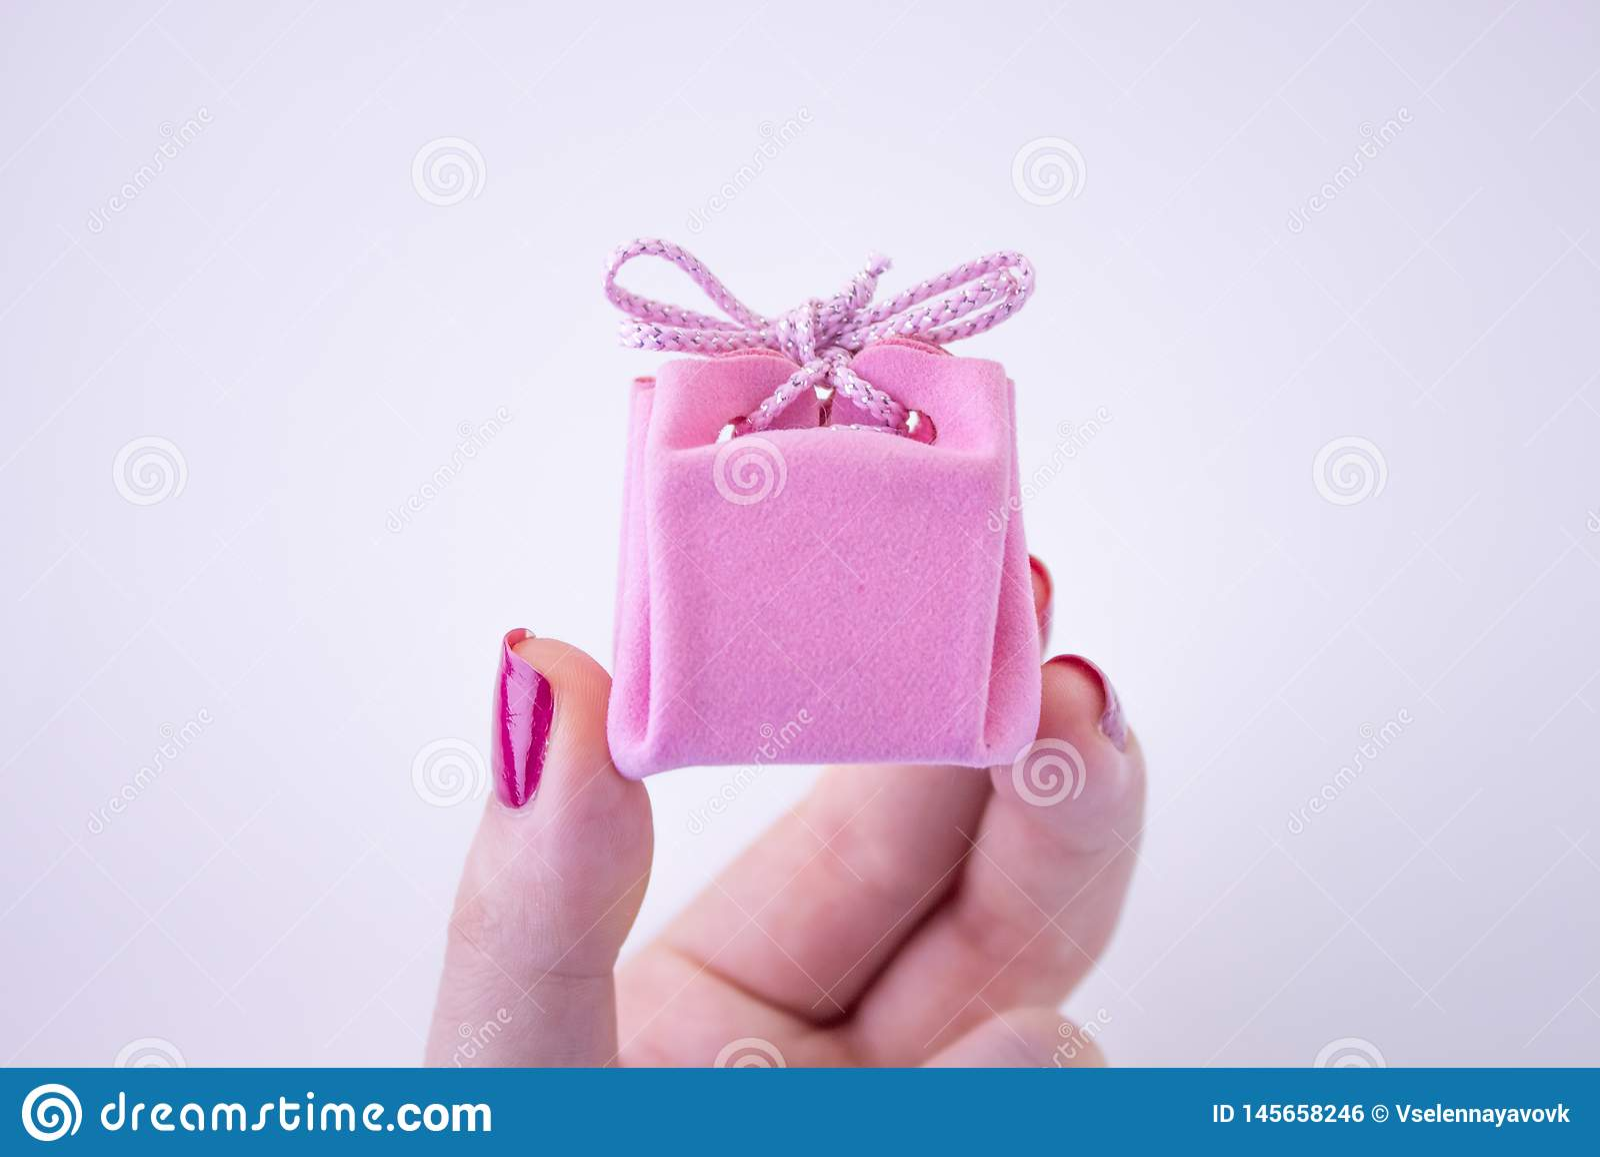 Caixa de presente cor-de-rosa com a fita para decora??es ? disposi??o Presente festivo a uma menina ou a uma mulher